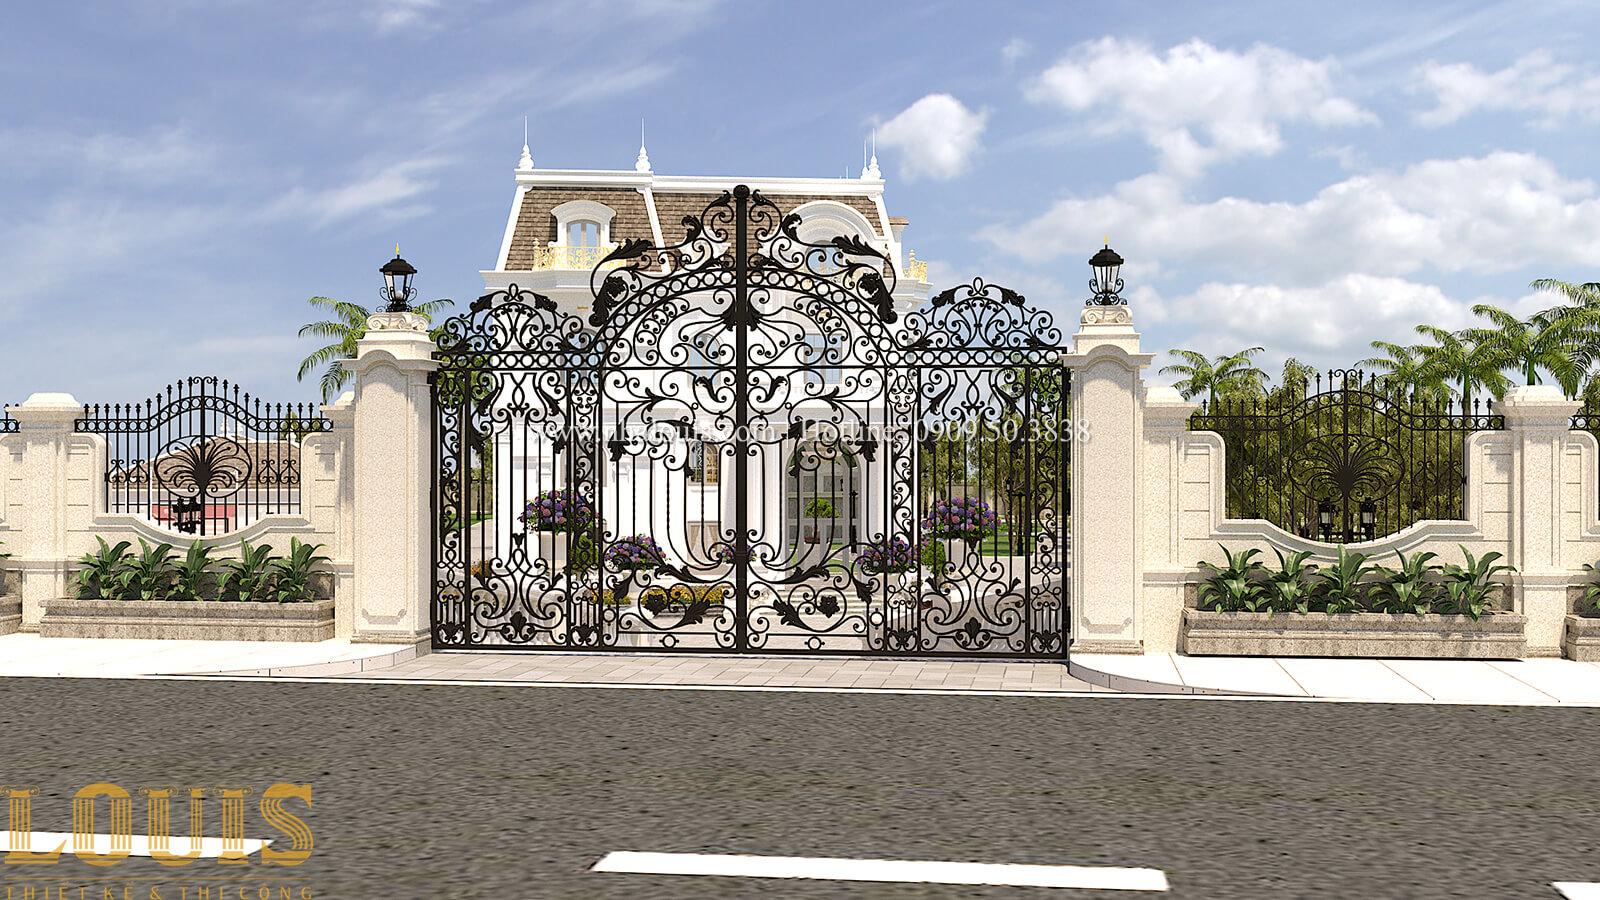 Sân vườn biệt thự cổ điển kiểu Pháp đẳng cấp tại Đồng Nai - 66